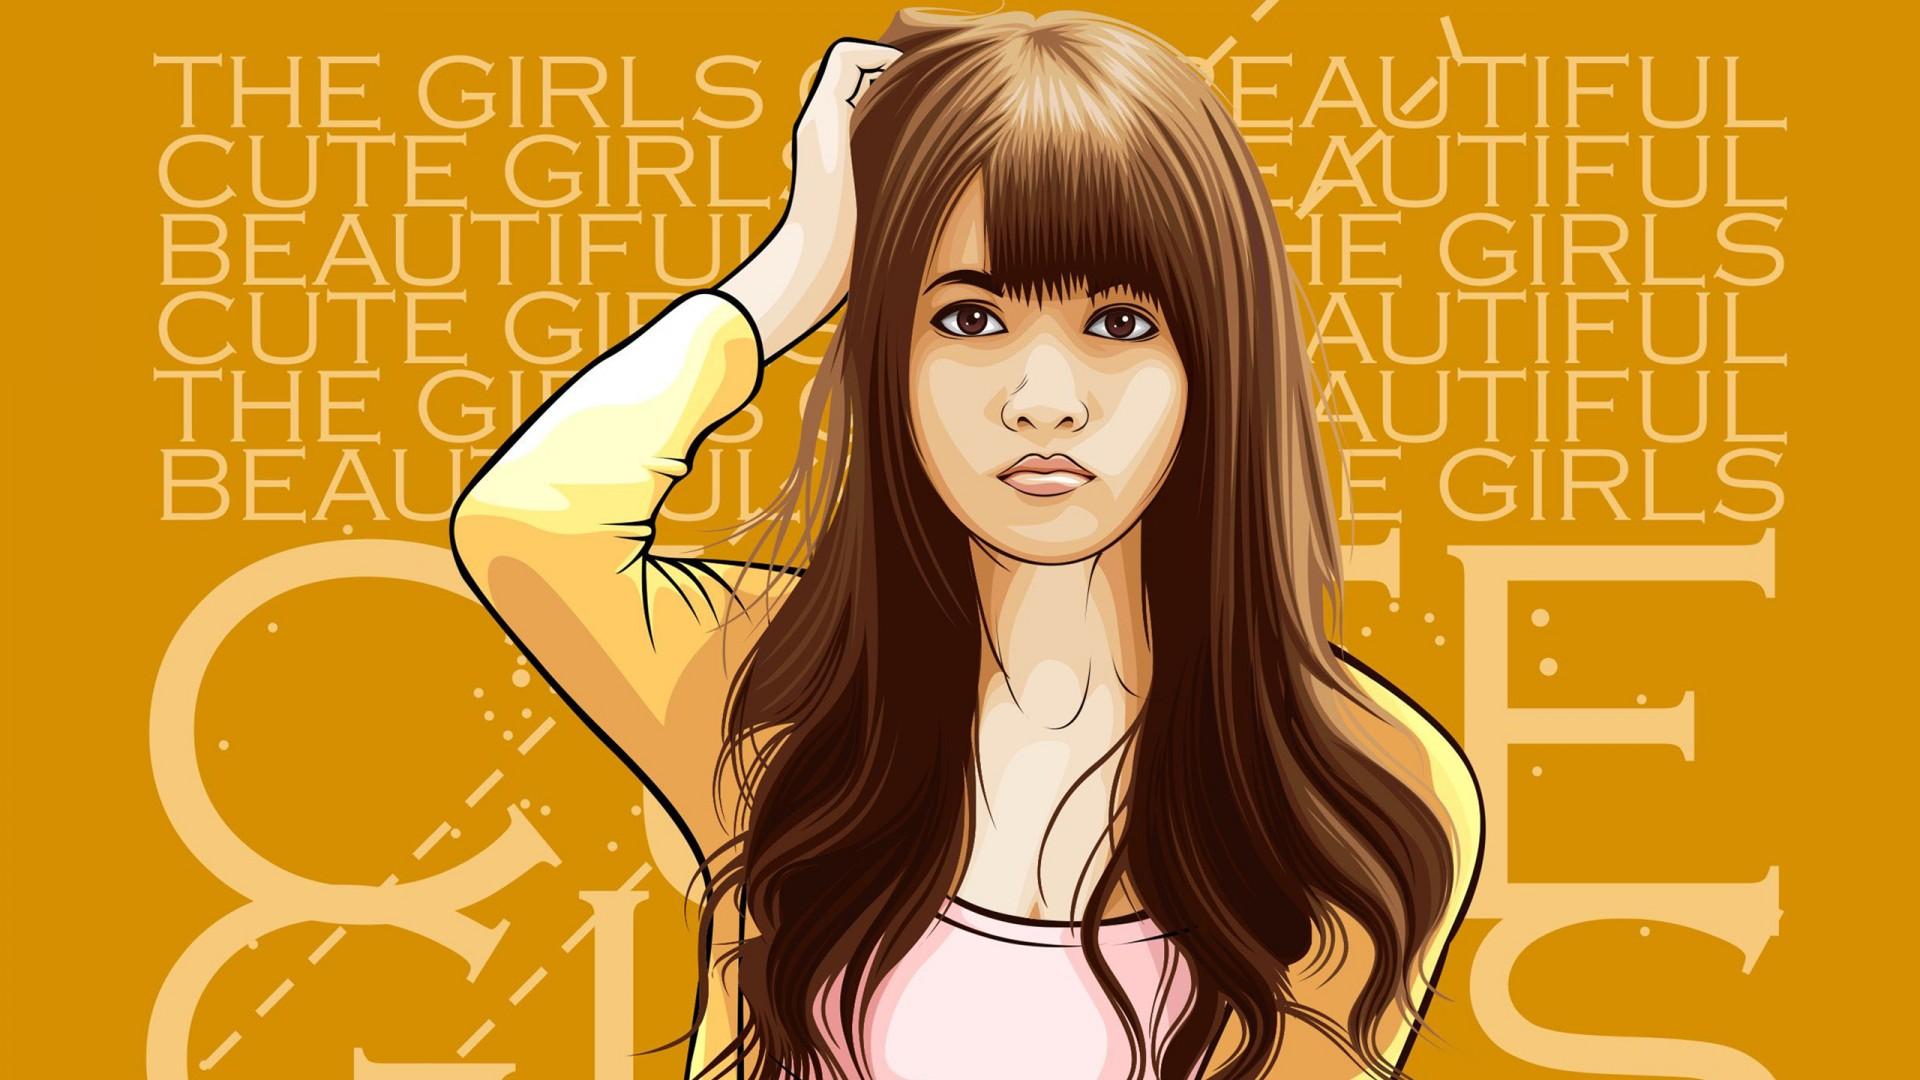 Full Hd Nice Girl Wallpaper Cute Amp Beautiful Girl Wallpapers Hd Wallpapers Id 26535